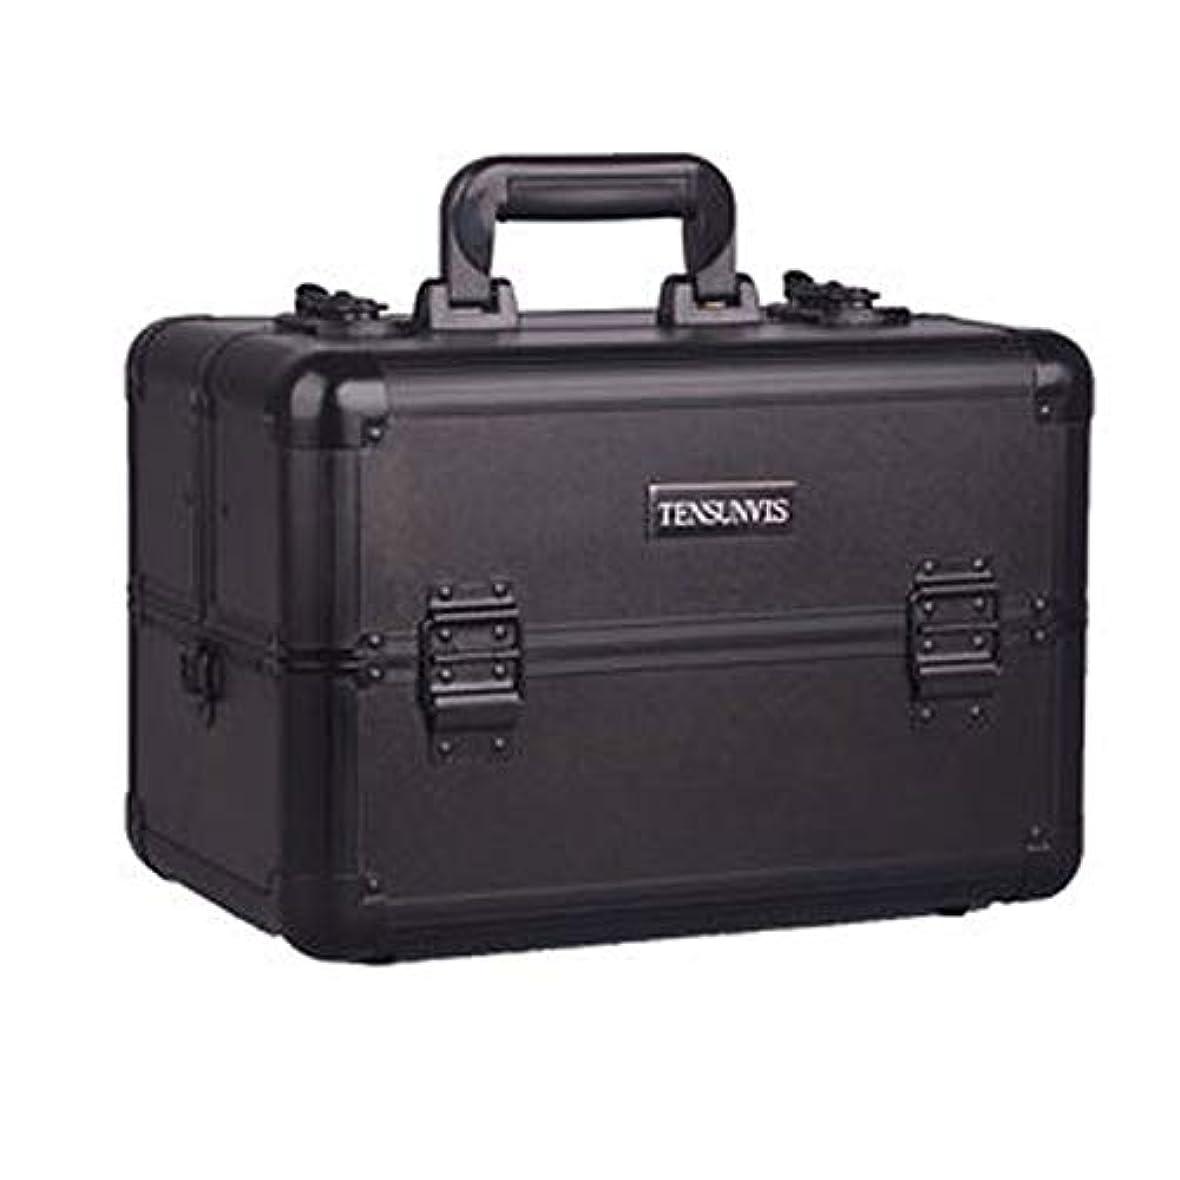 談話操作成熟プロ専用 メイクボックス ブラック ヘアメイク プロ 大容量 軽量 高品質 多機能 I-HT-405AB